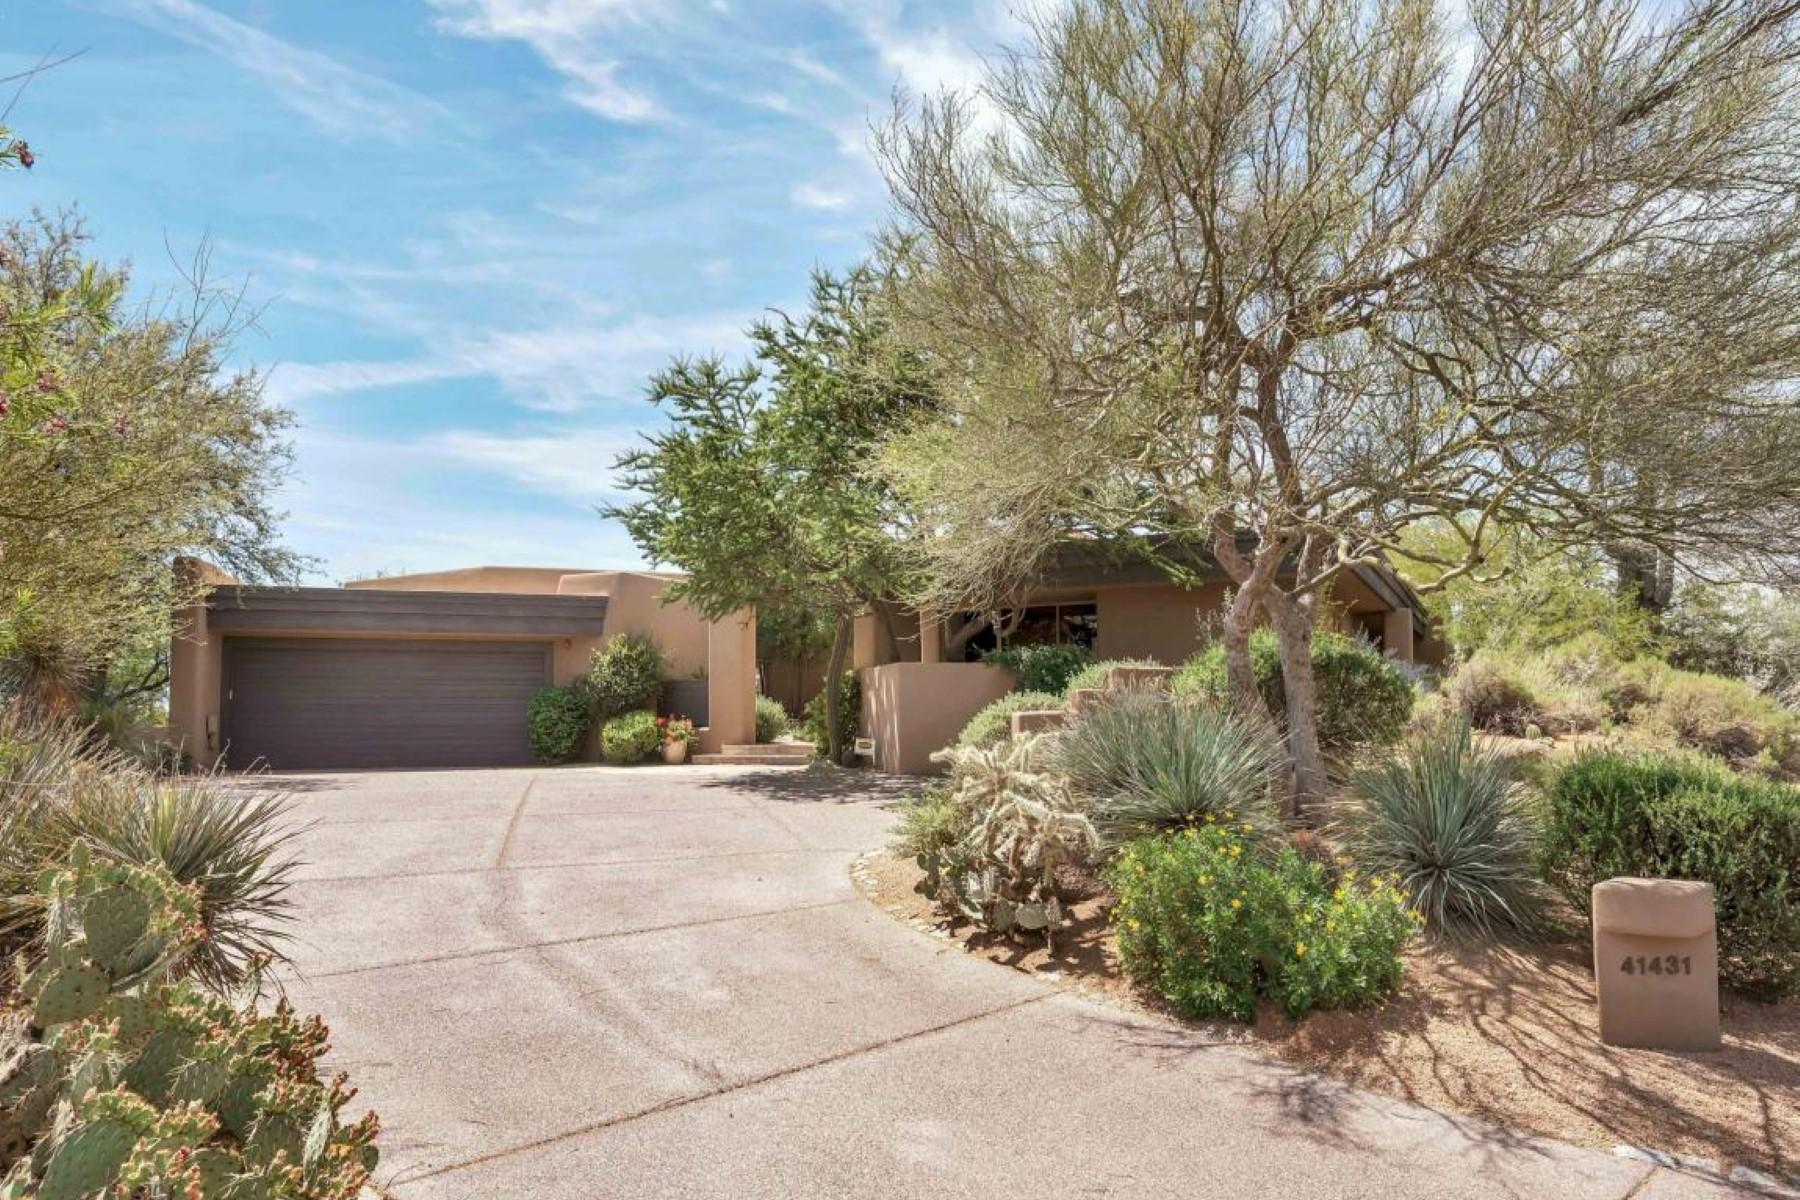 Частный односемейный дом для того Продажа на Wonderful south facing home in the village of Cochise Ridge 41431 N 106TH ST N Scottsdale, Аризона, 85262 Соединенные Штаты